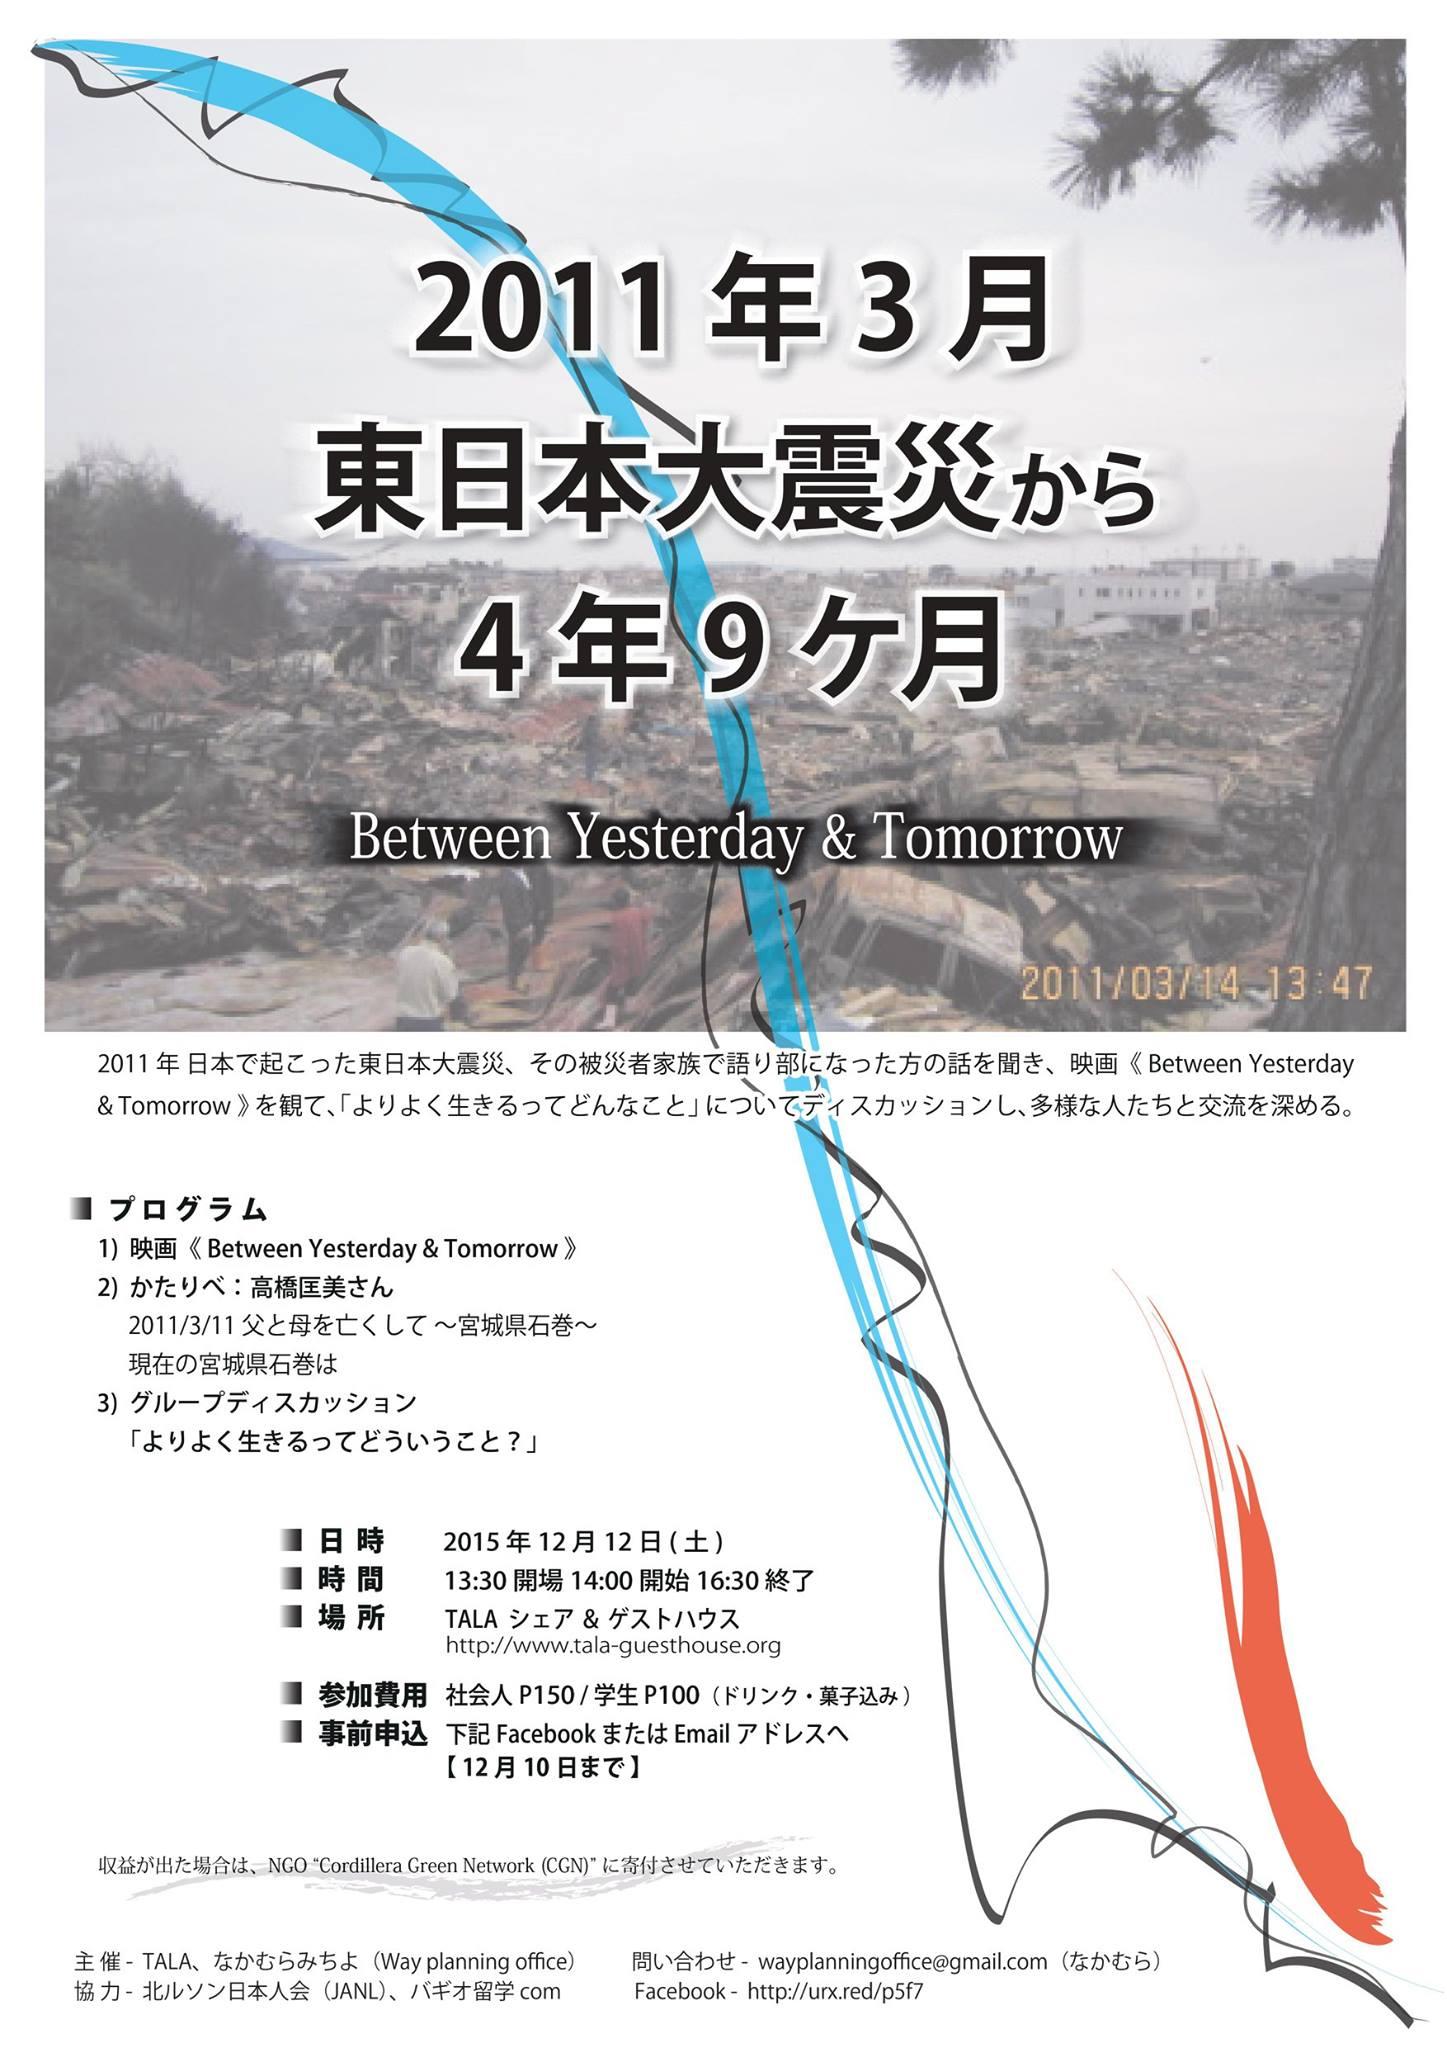 """2011年東日本大震災から4年9ヶ月 「語り部の話を聞き、映画""""BYTを見る会」_a0109542_1247191.jpg"""